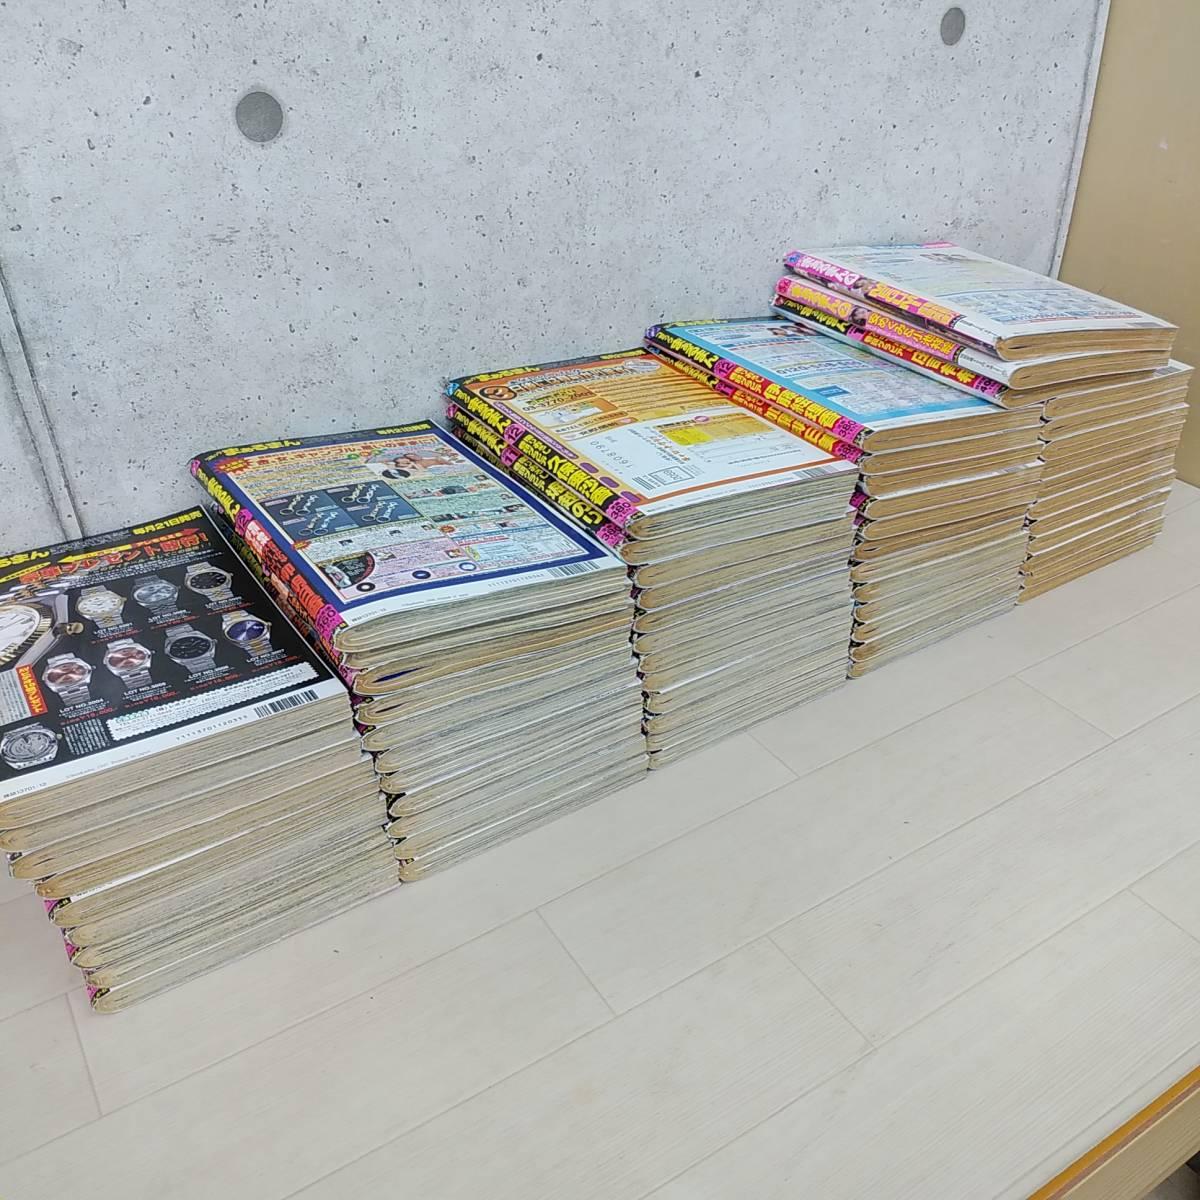 【希少品!】まぁるまん■ぶんか社■デビュー号~■1998年~2002年■合計58冊■雑誌 アイドル 漫画_画像9